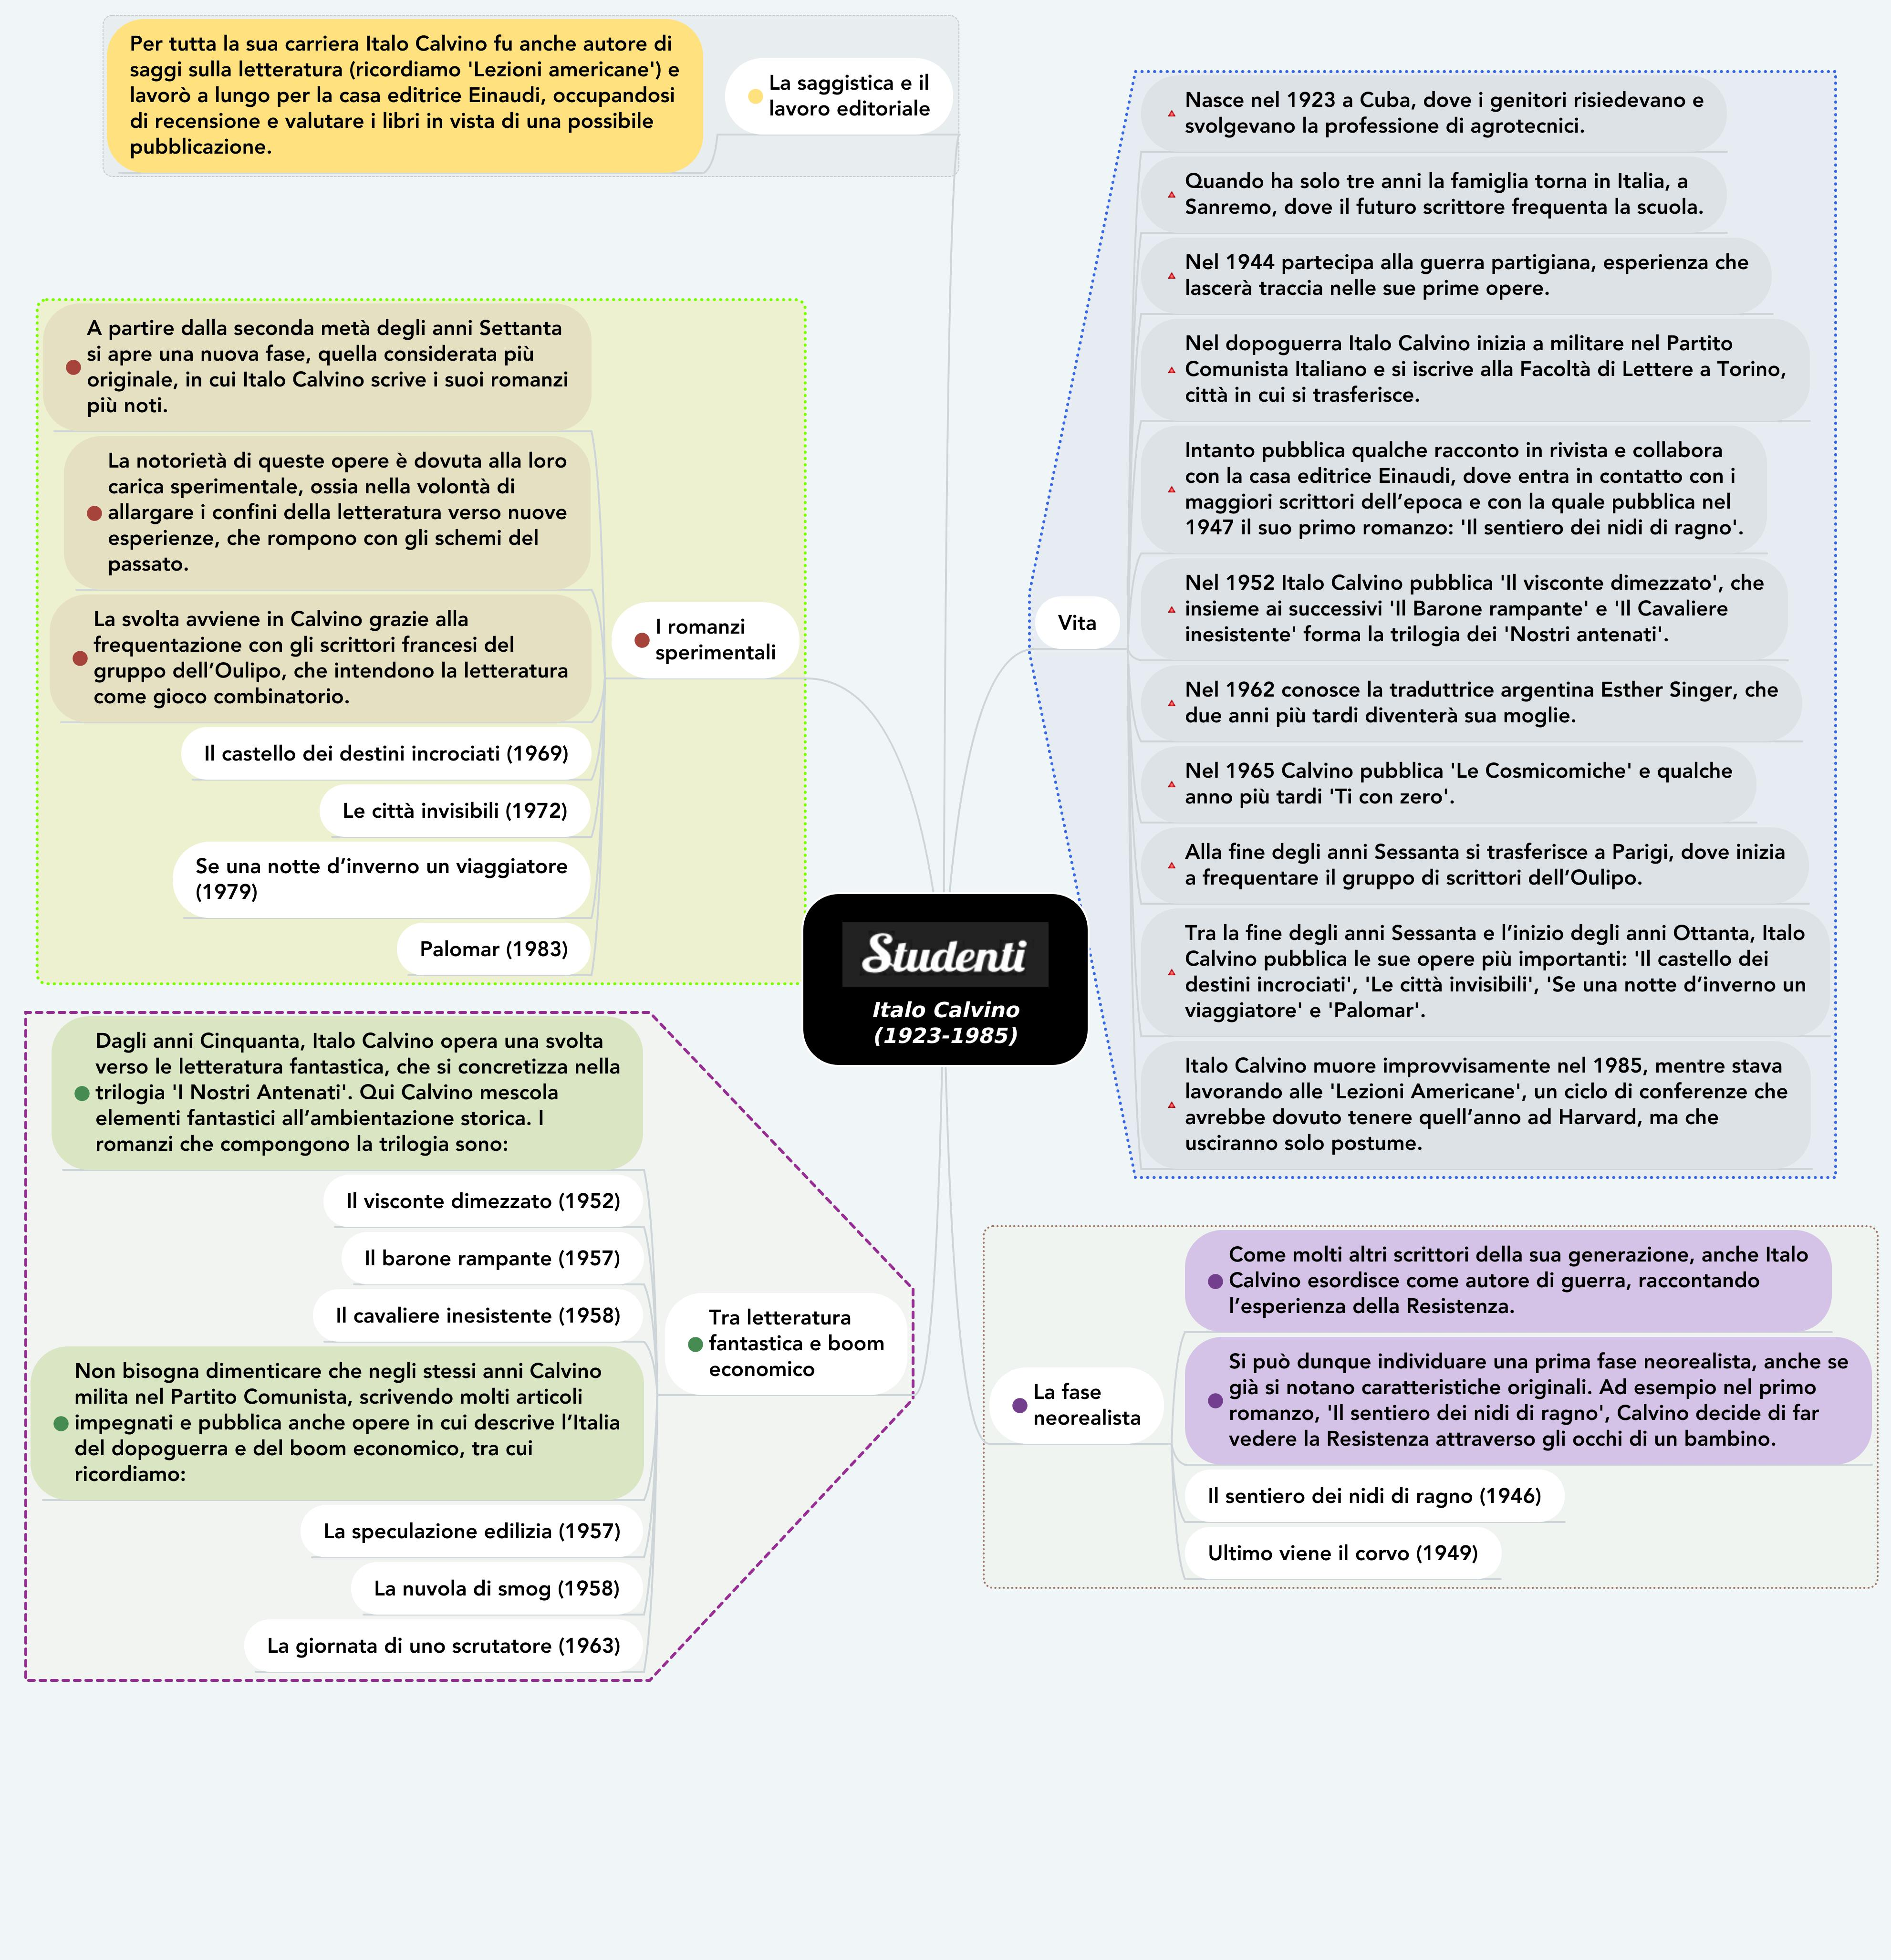 Mappa concettuale su Italo Calvino